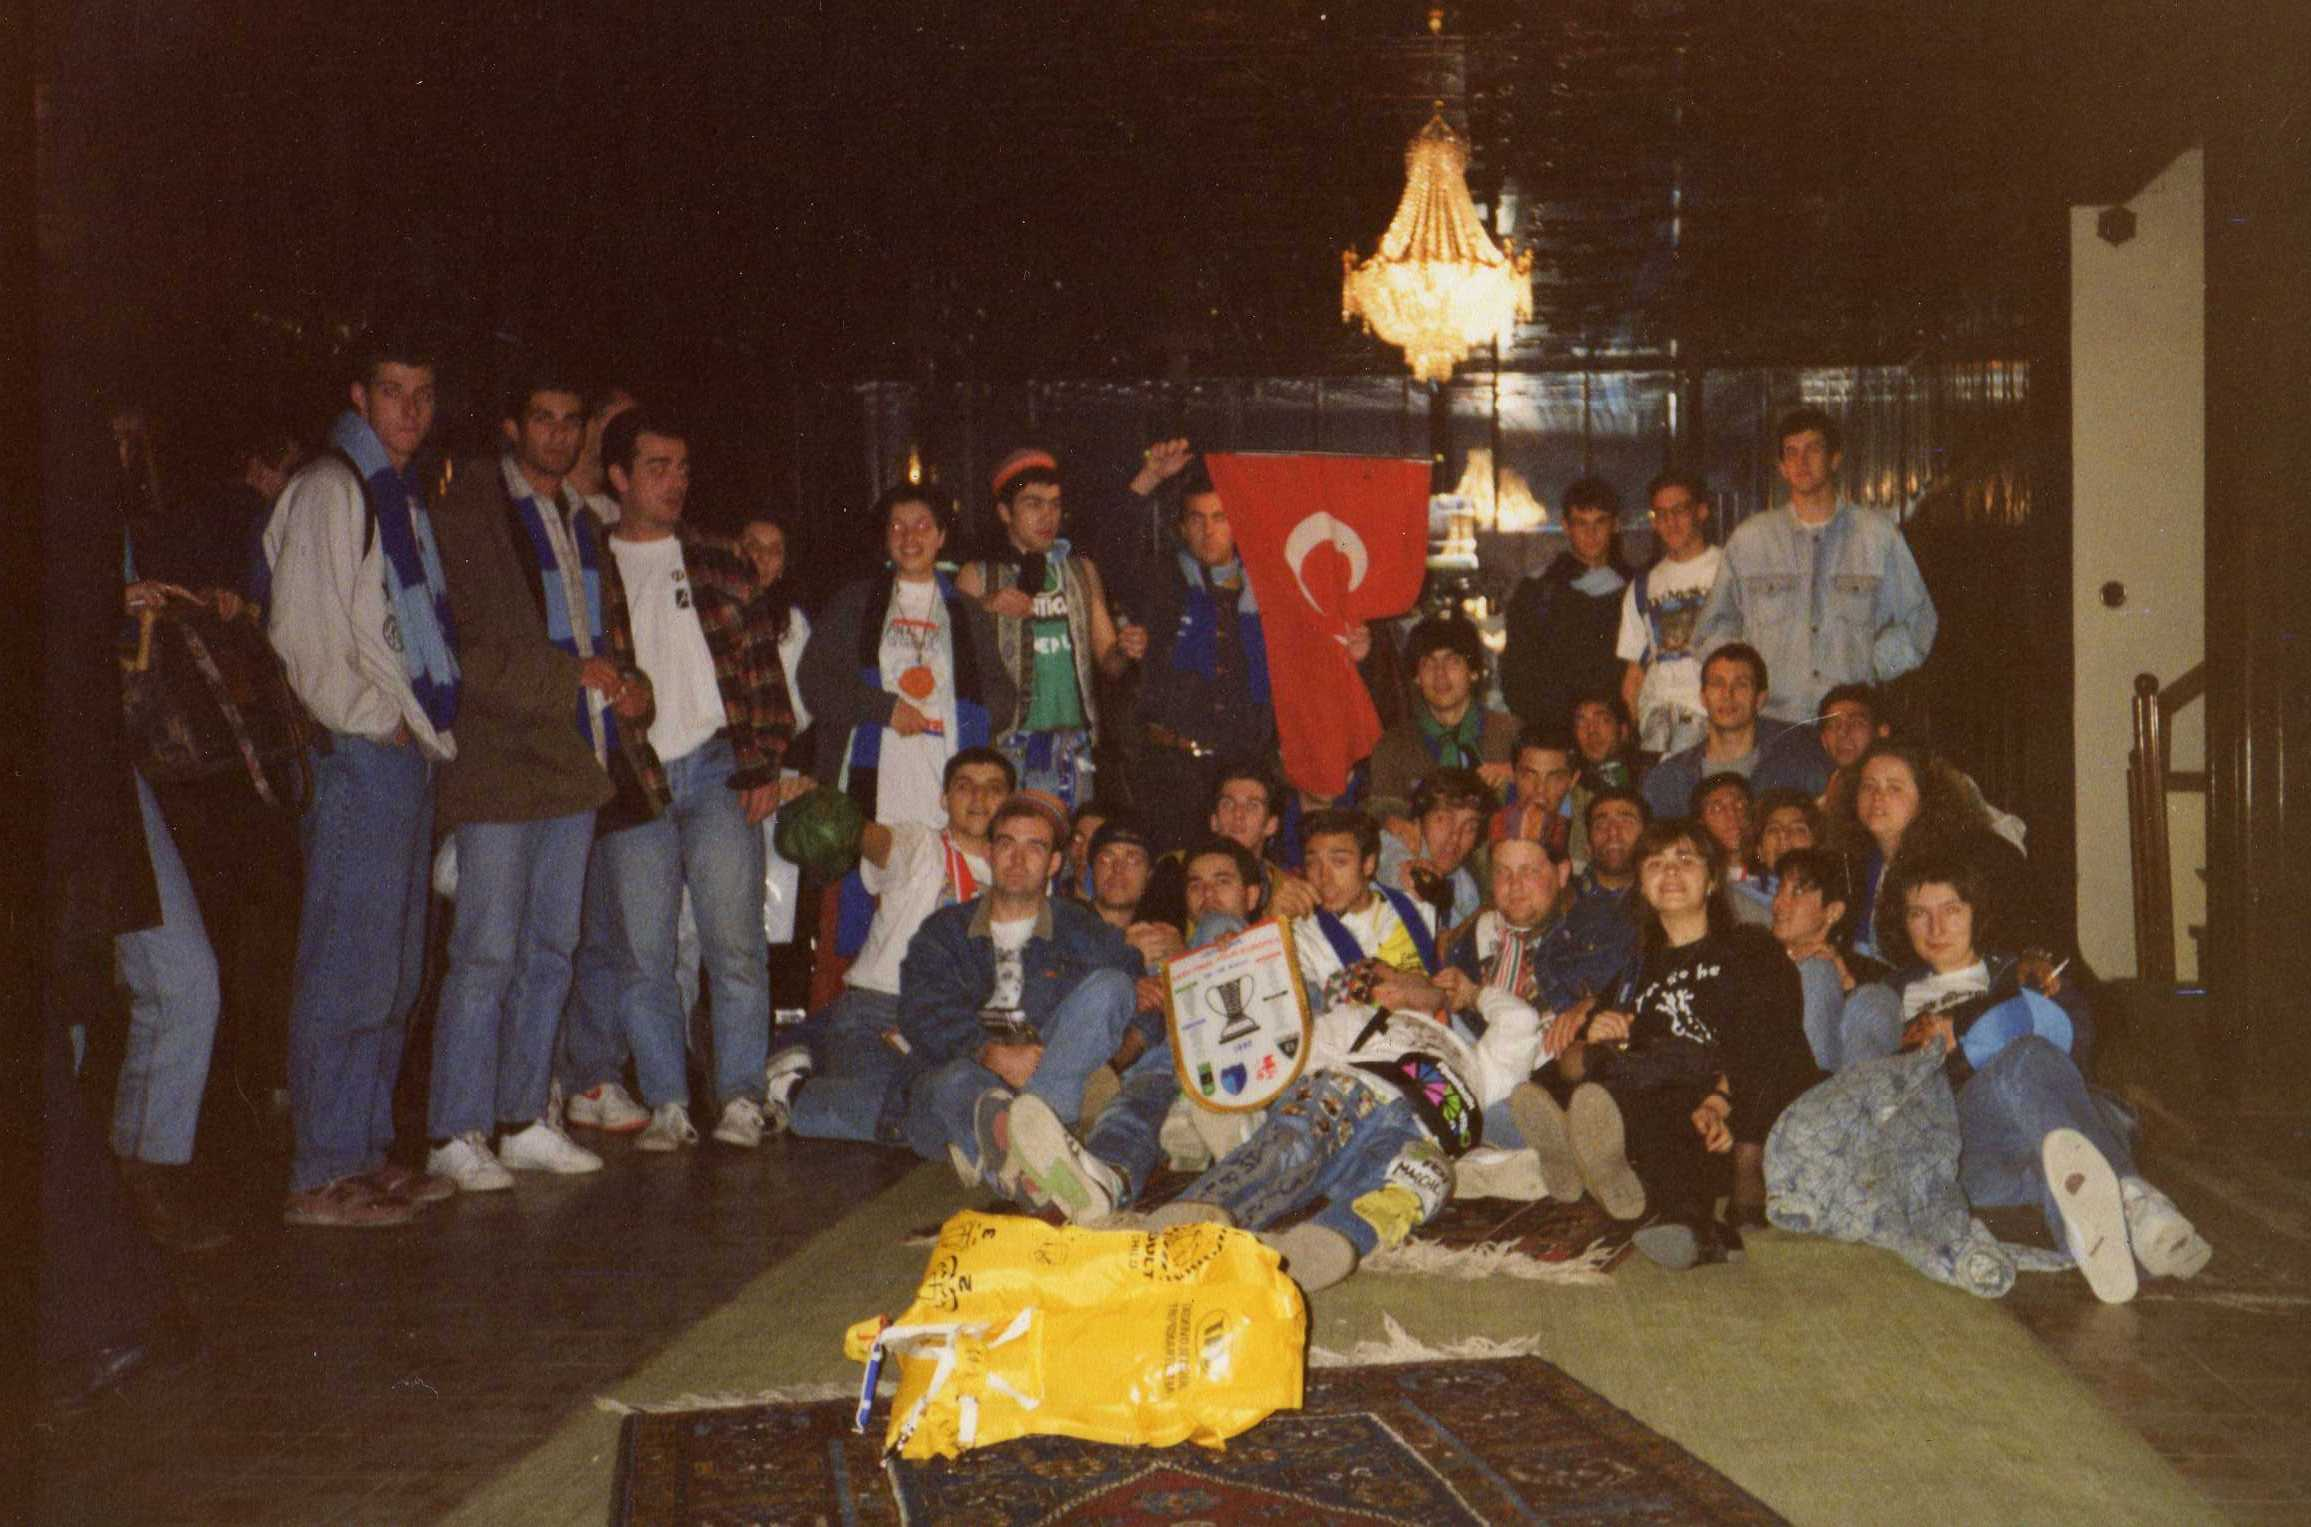 ¿Estuviste en Estambul, en Granada o el Palacio? Envíanos tus fotos para que salgan en videomarcadores